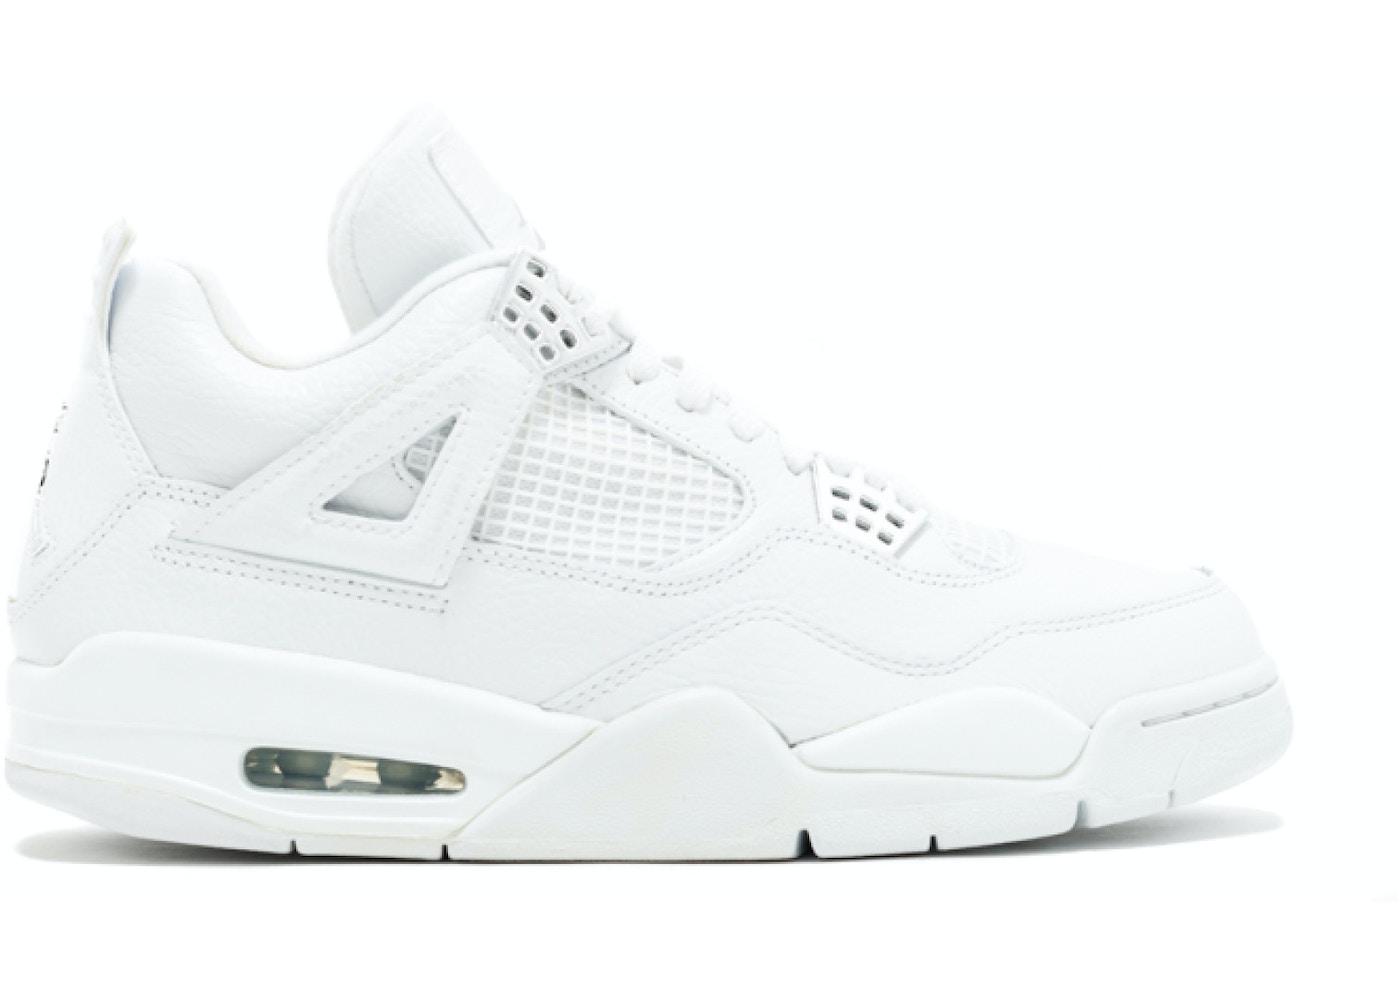 big sale cc23e 4c000 Buy Air Jordan 4 Size 15 Shoes   Deadstock Sneakers